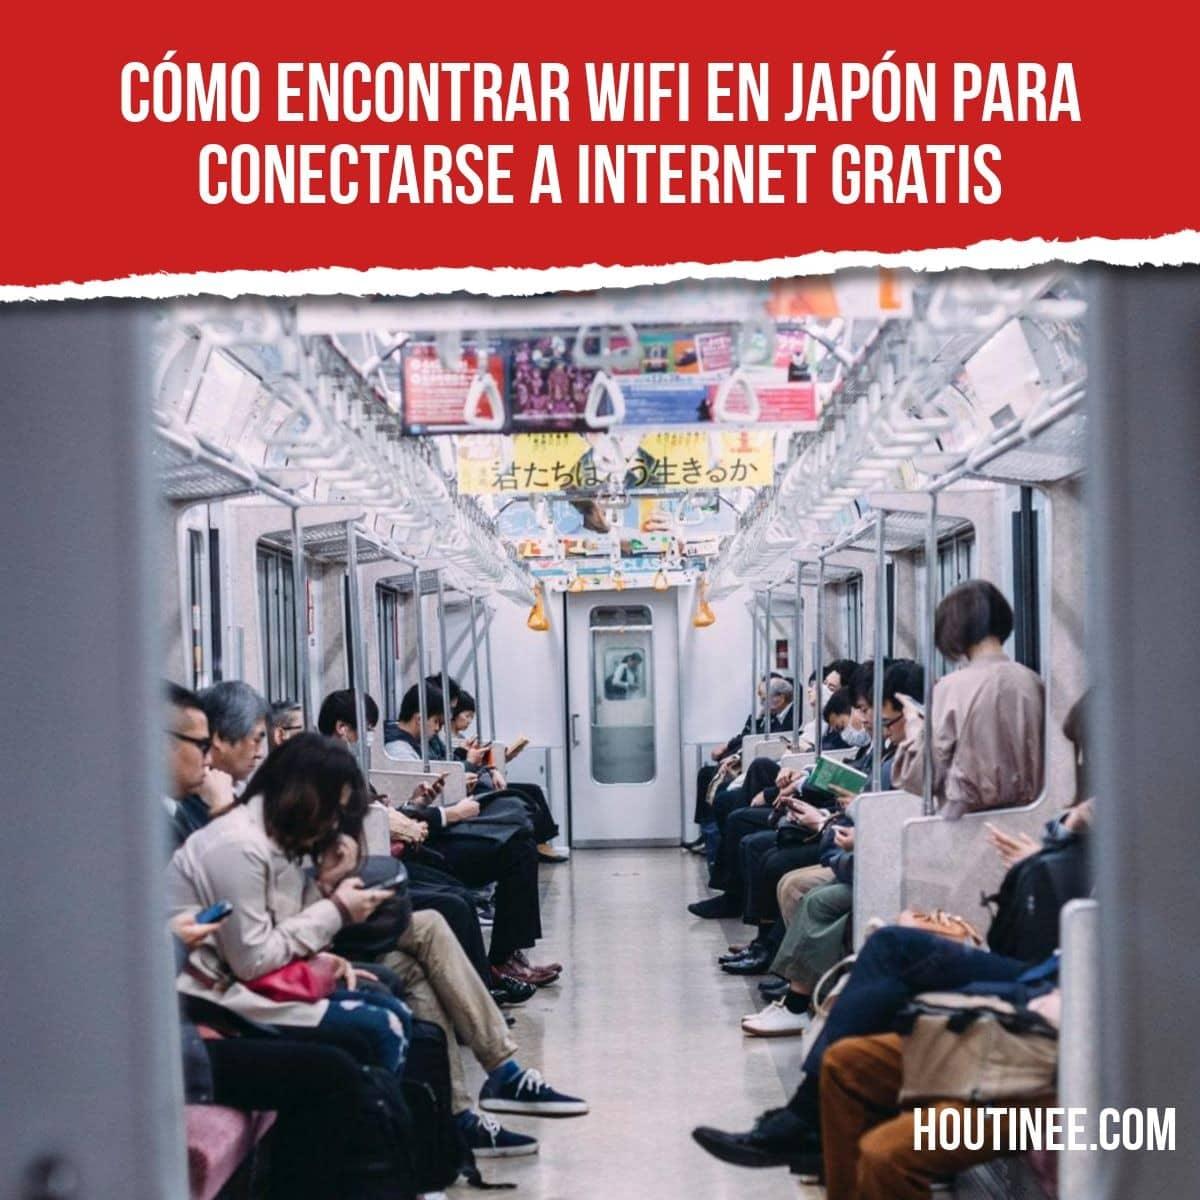 Cómo encontrar WIFI en Japón para conectarse a internet gratis